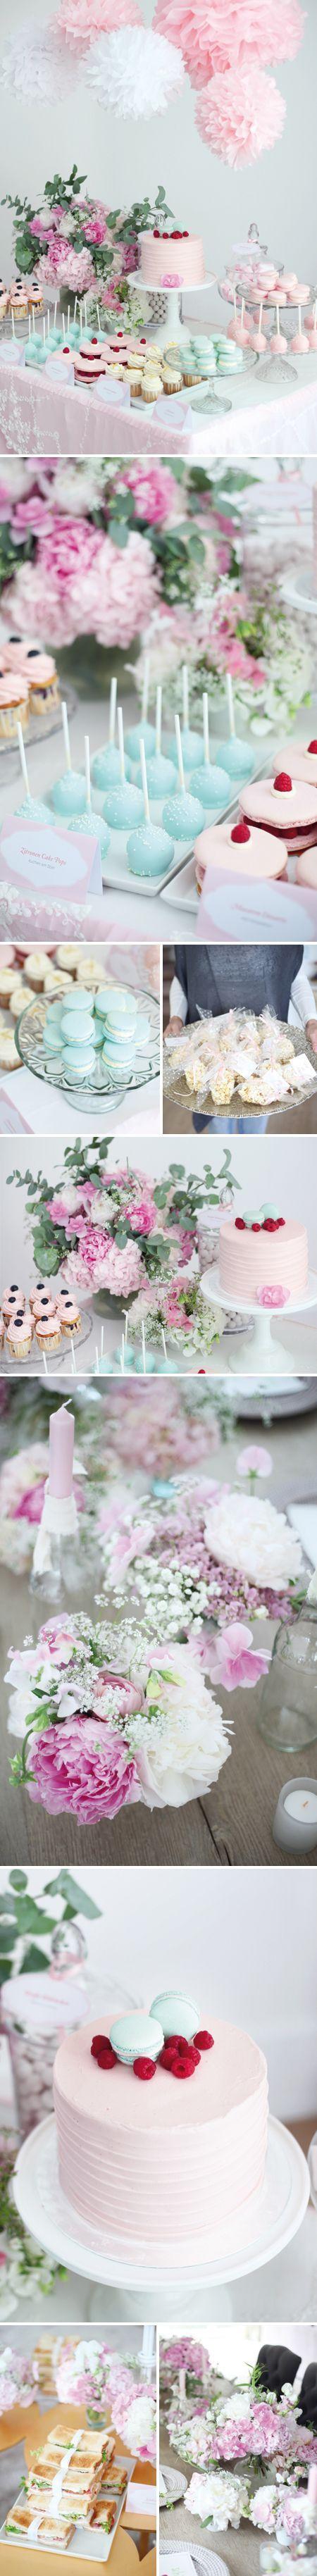 Hochzeit: Süßes von Zuckermonarchie: #CandyBuffet #Candybar | Hochzeit mit EVENTCROWD - Die Hochzeitsapp